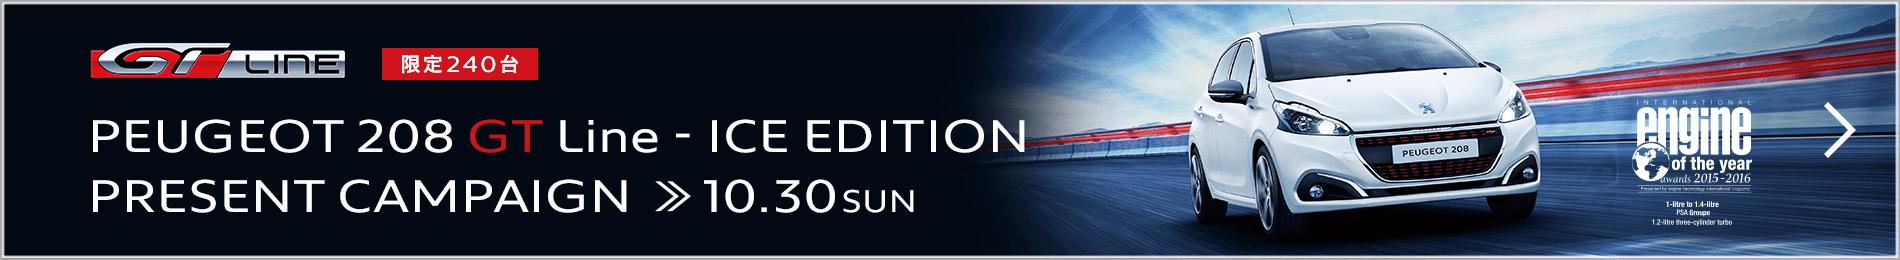 PEUGEOT 208 GT Line - ICE EDITION PRESENT CAMPAIGN » 10.30 SUN 詳しくはこちら>